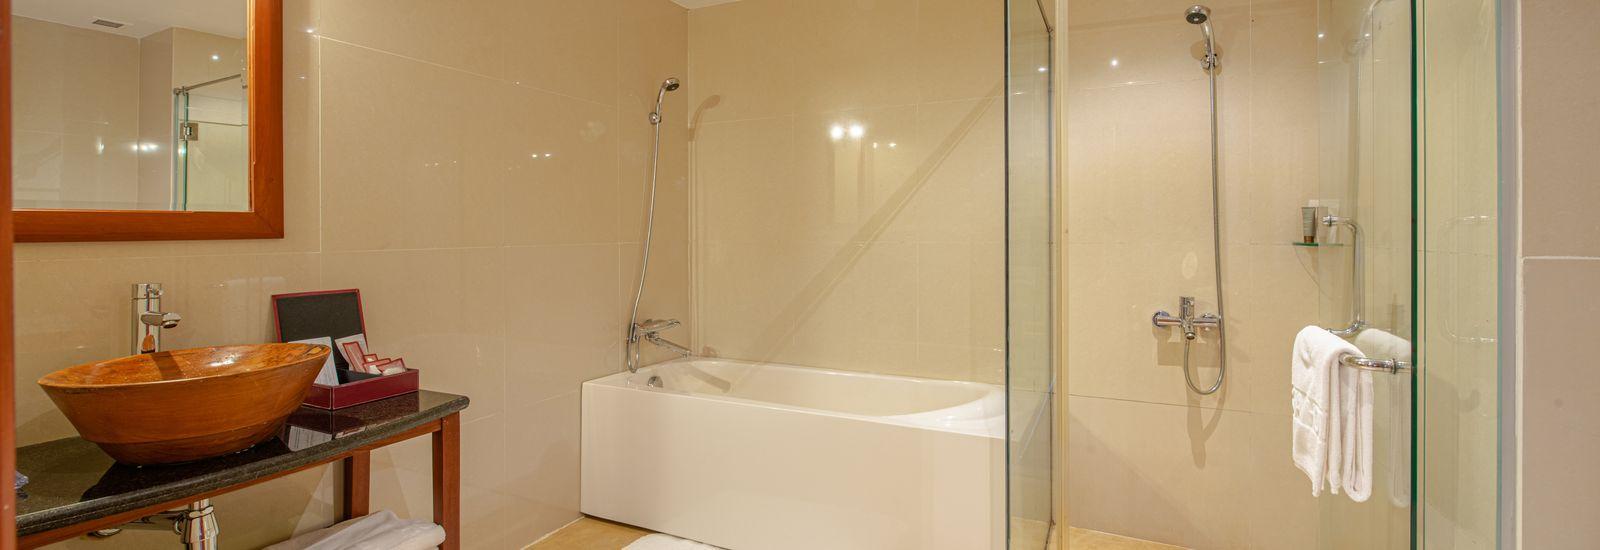 Rumdul Suite Bathroom